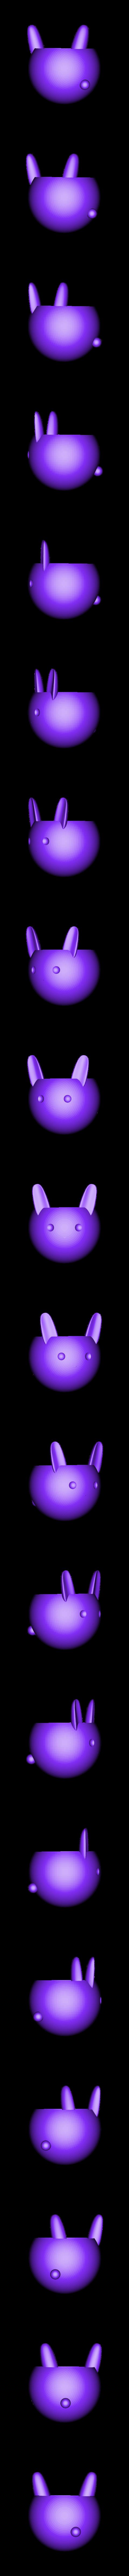 Rabbit Pot v1.stl Download STL file Cute Rabbit Pot • 3D printable design, tomowlondon